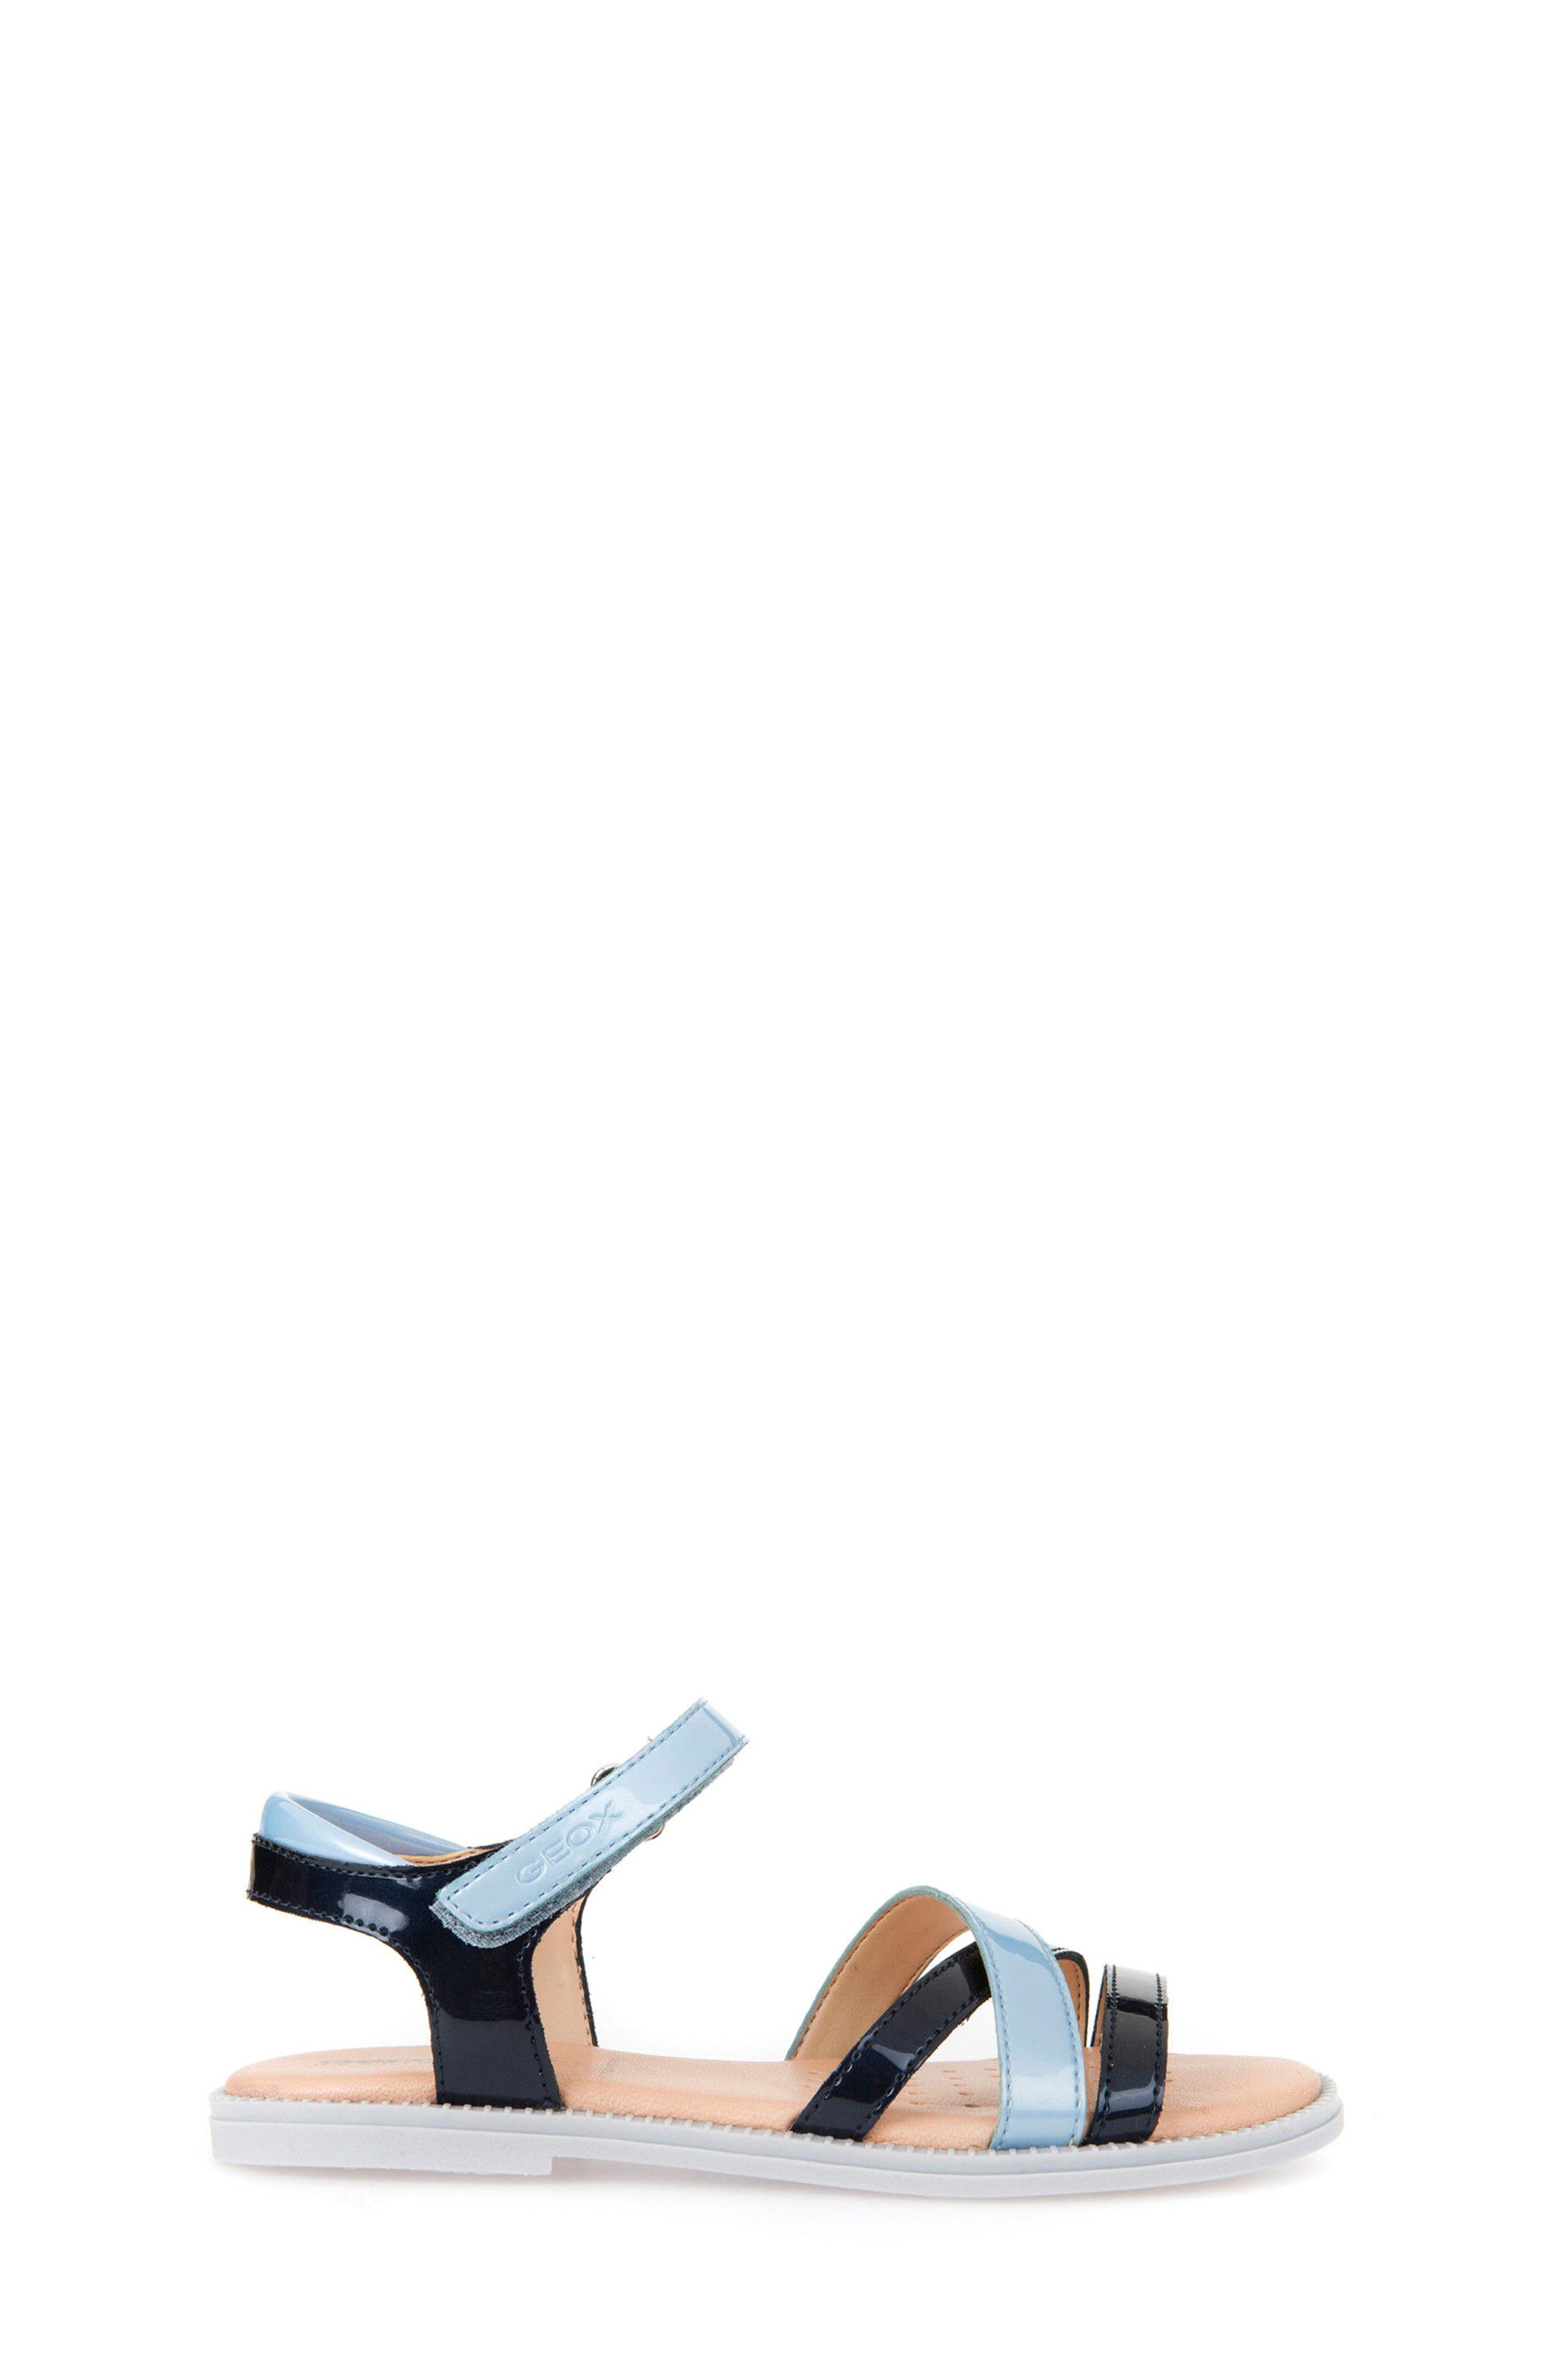 Karly Girl Sandal,                             Alternate thumbnail 3, color,                             420